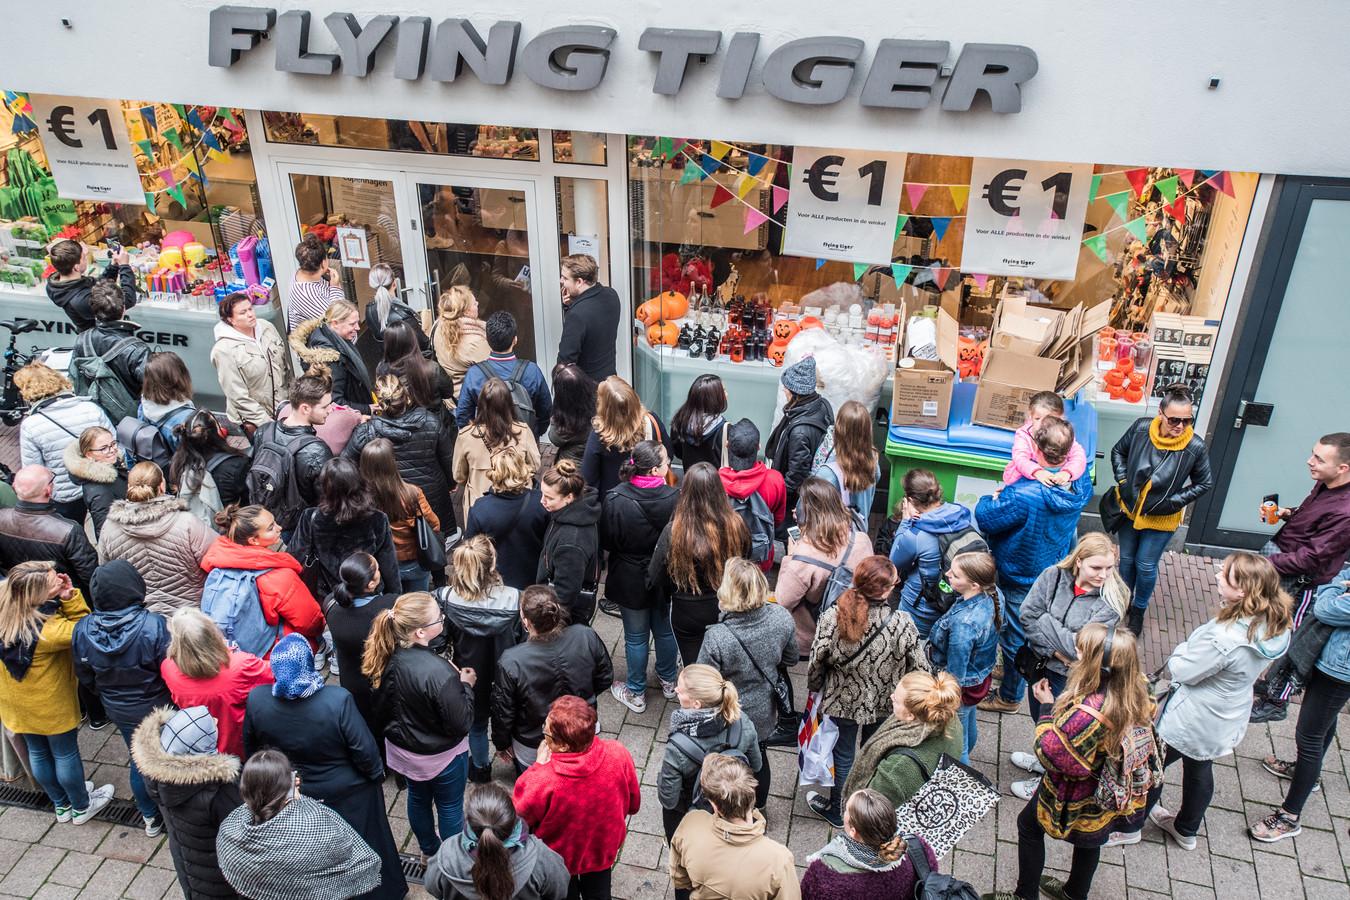 Gekkenhuis Bij De Jarige Flying Tiger Alles Is Voor 1 Euro Te Koop